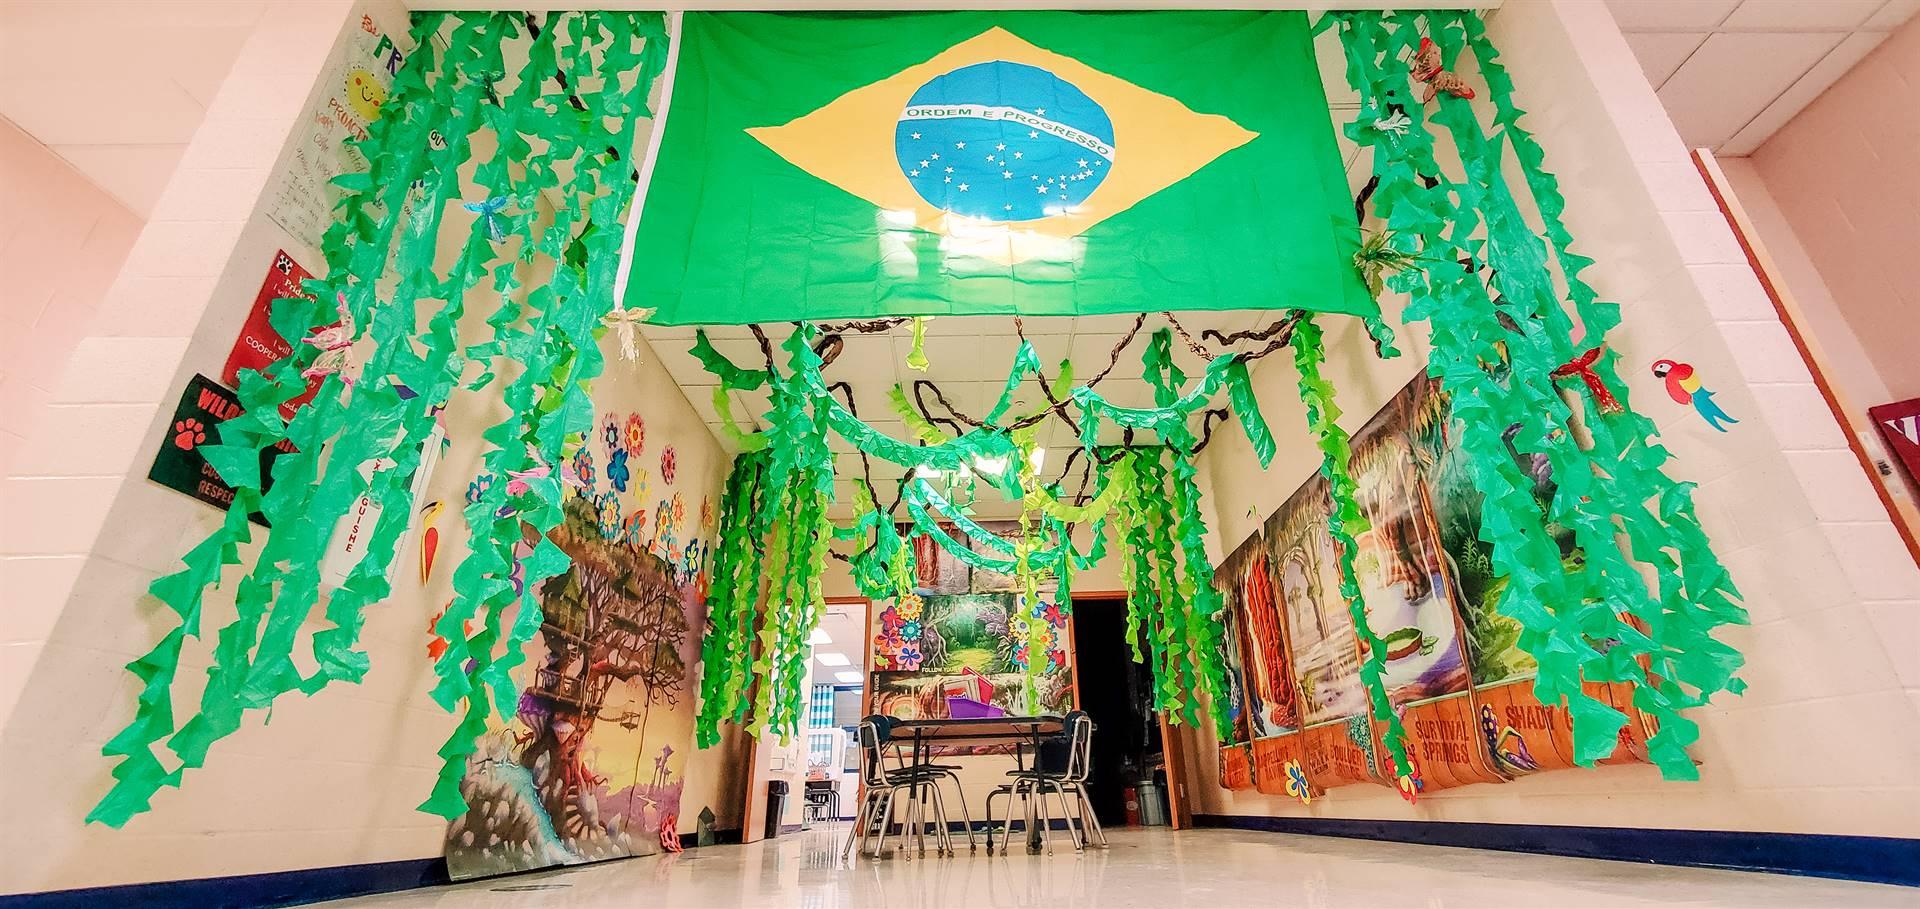 Brazil Day Entrance